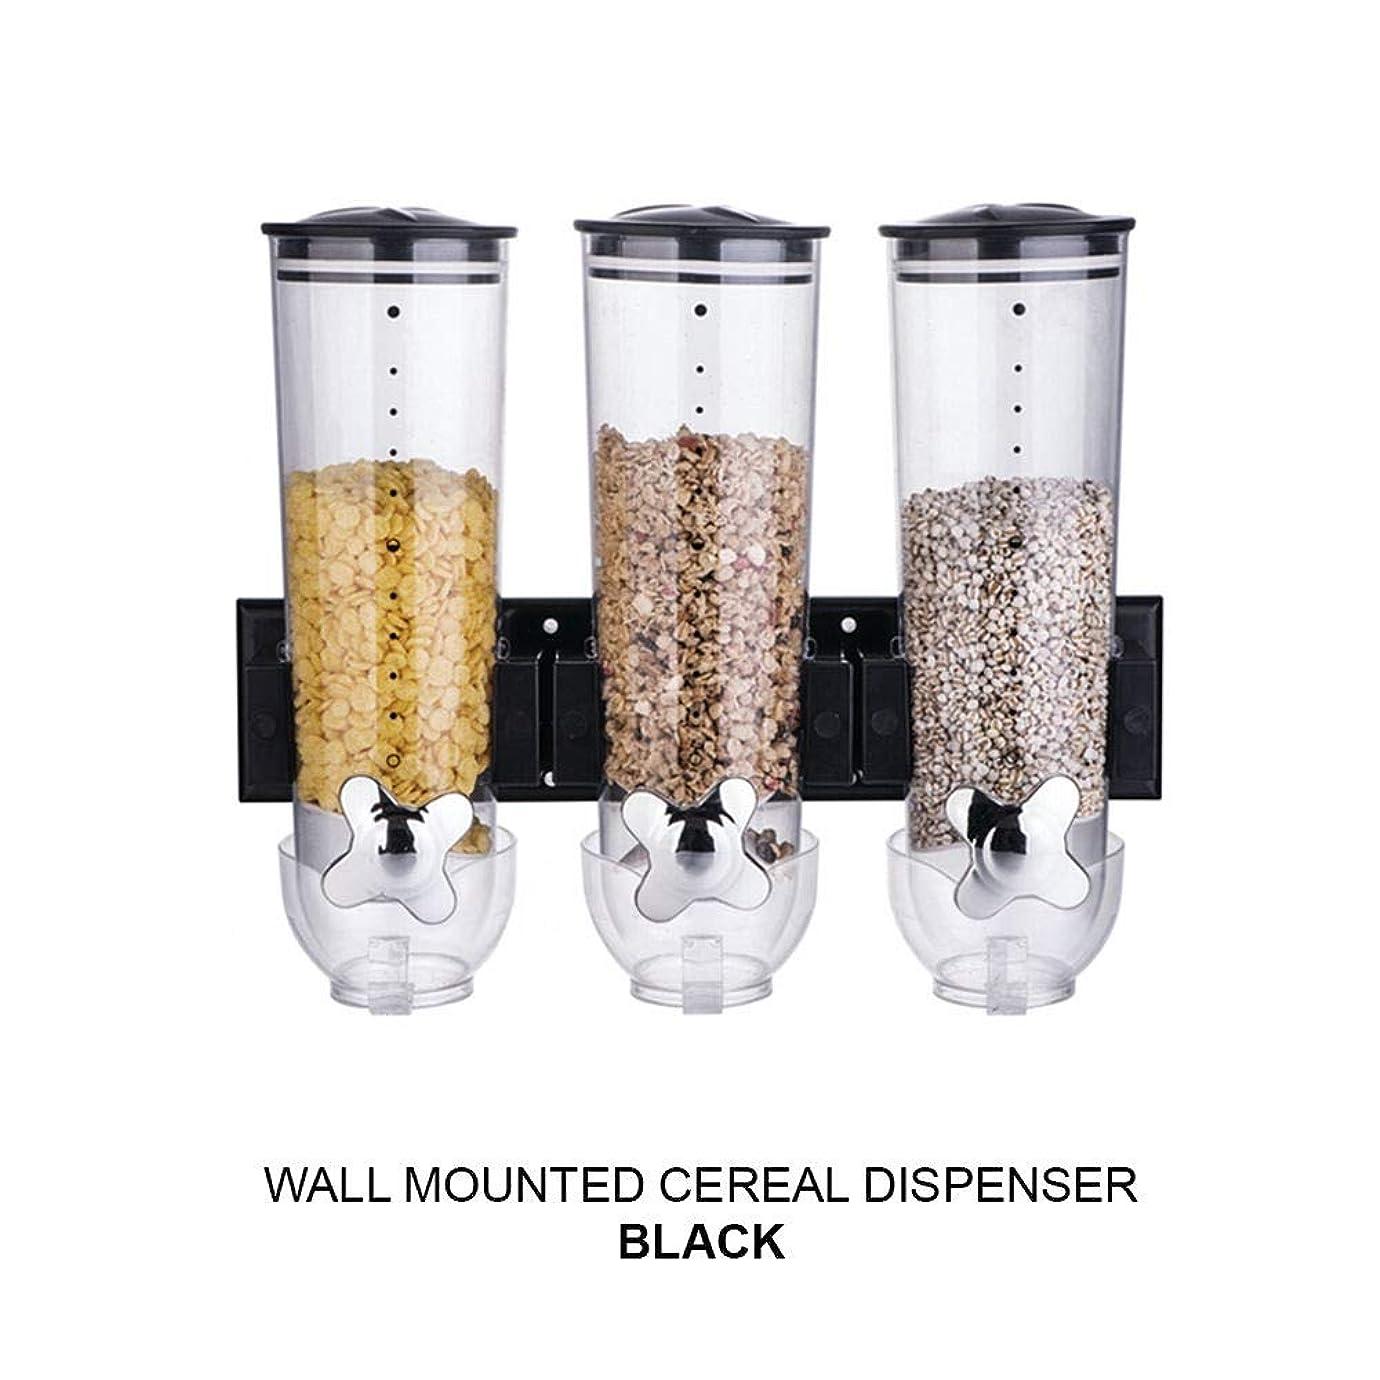 非公式助言コットン2019新しいキッチン封印された穀物乾燥食品保存缶ボックス家庭用スナックメロンの種ナッツキャンディーディスペンサー (Color : 黒)